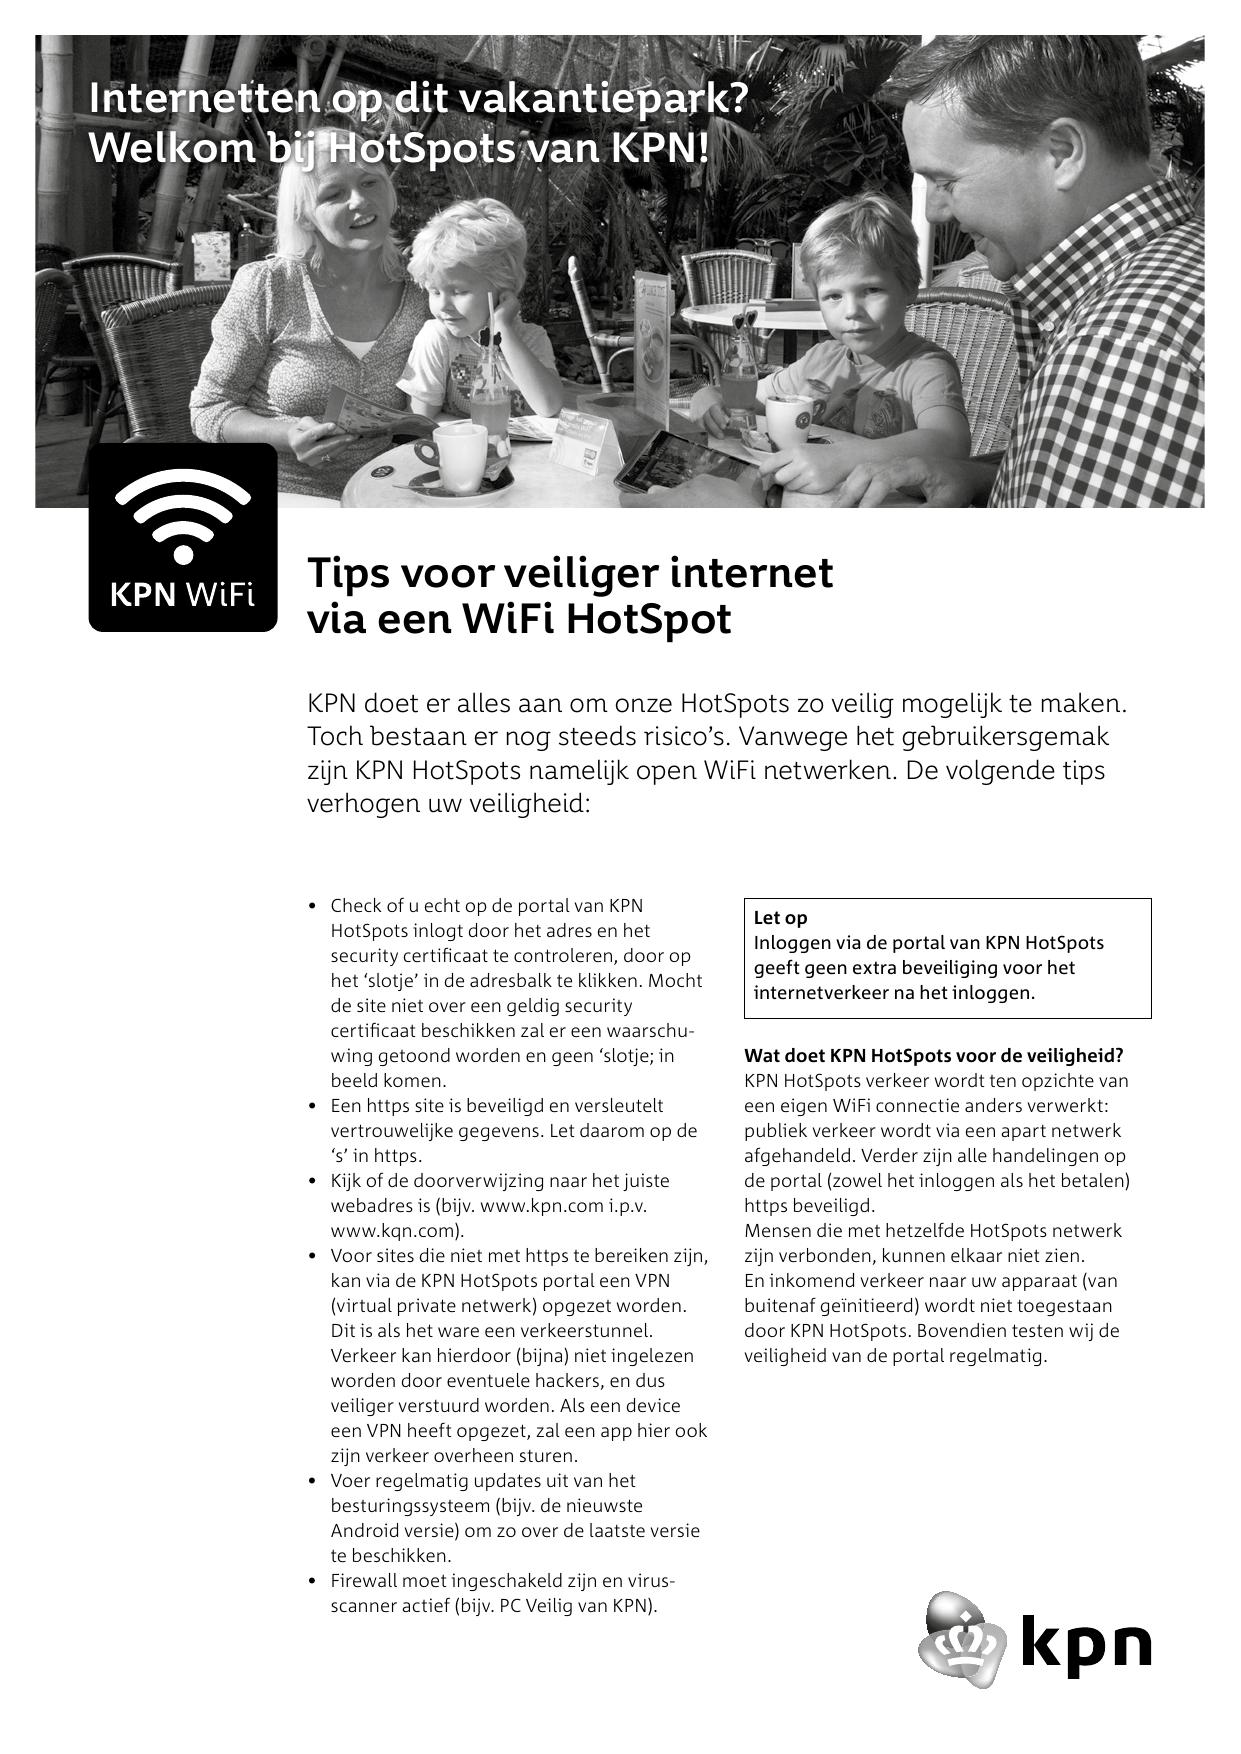 Tips Voor Veiliger Internet Via Een Wifi Hotspot Internetten